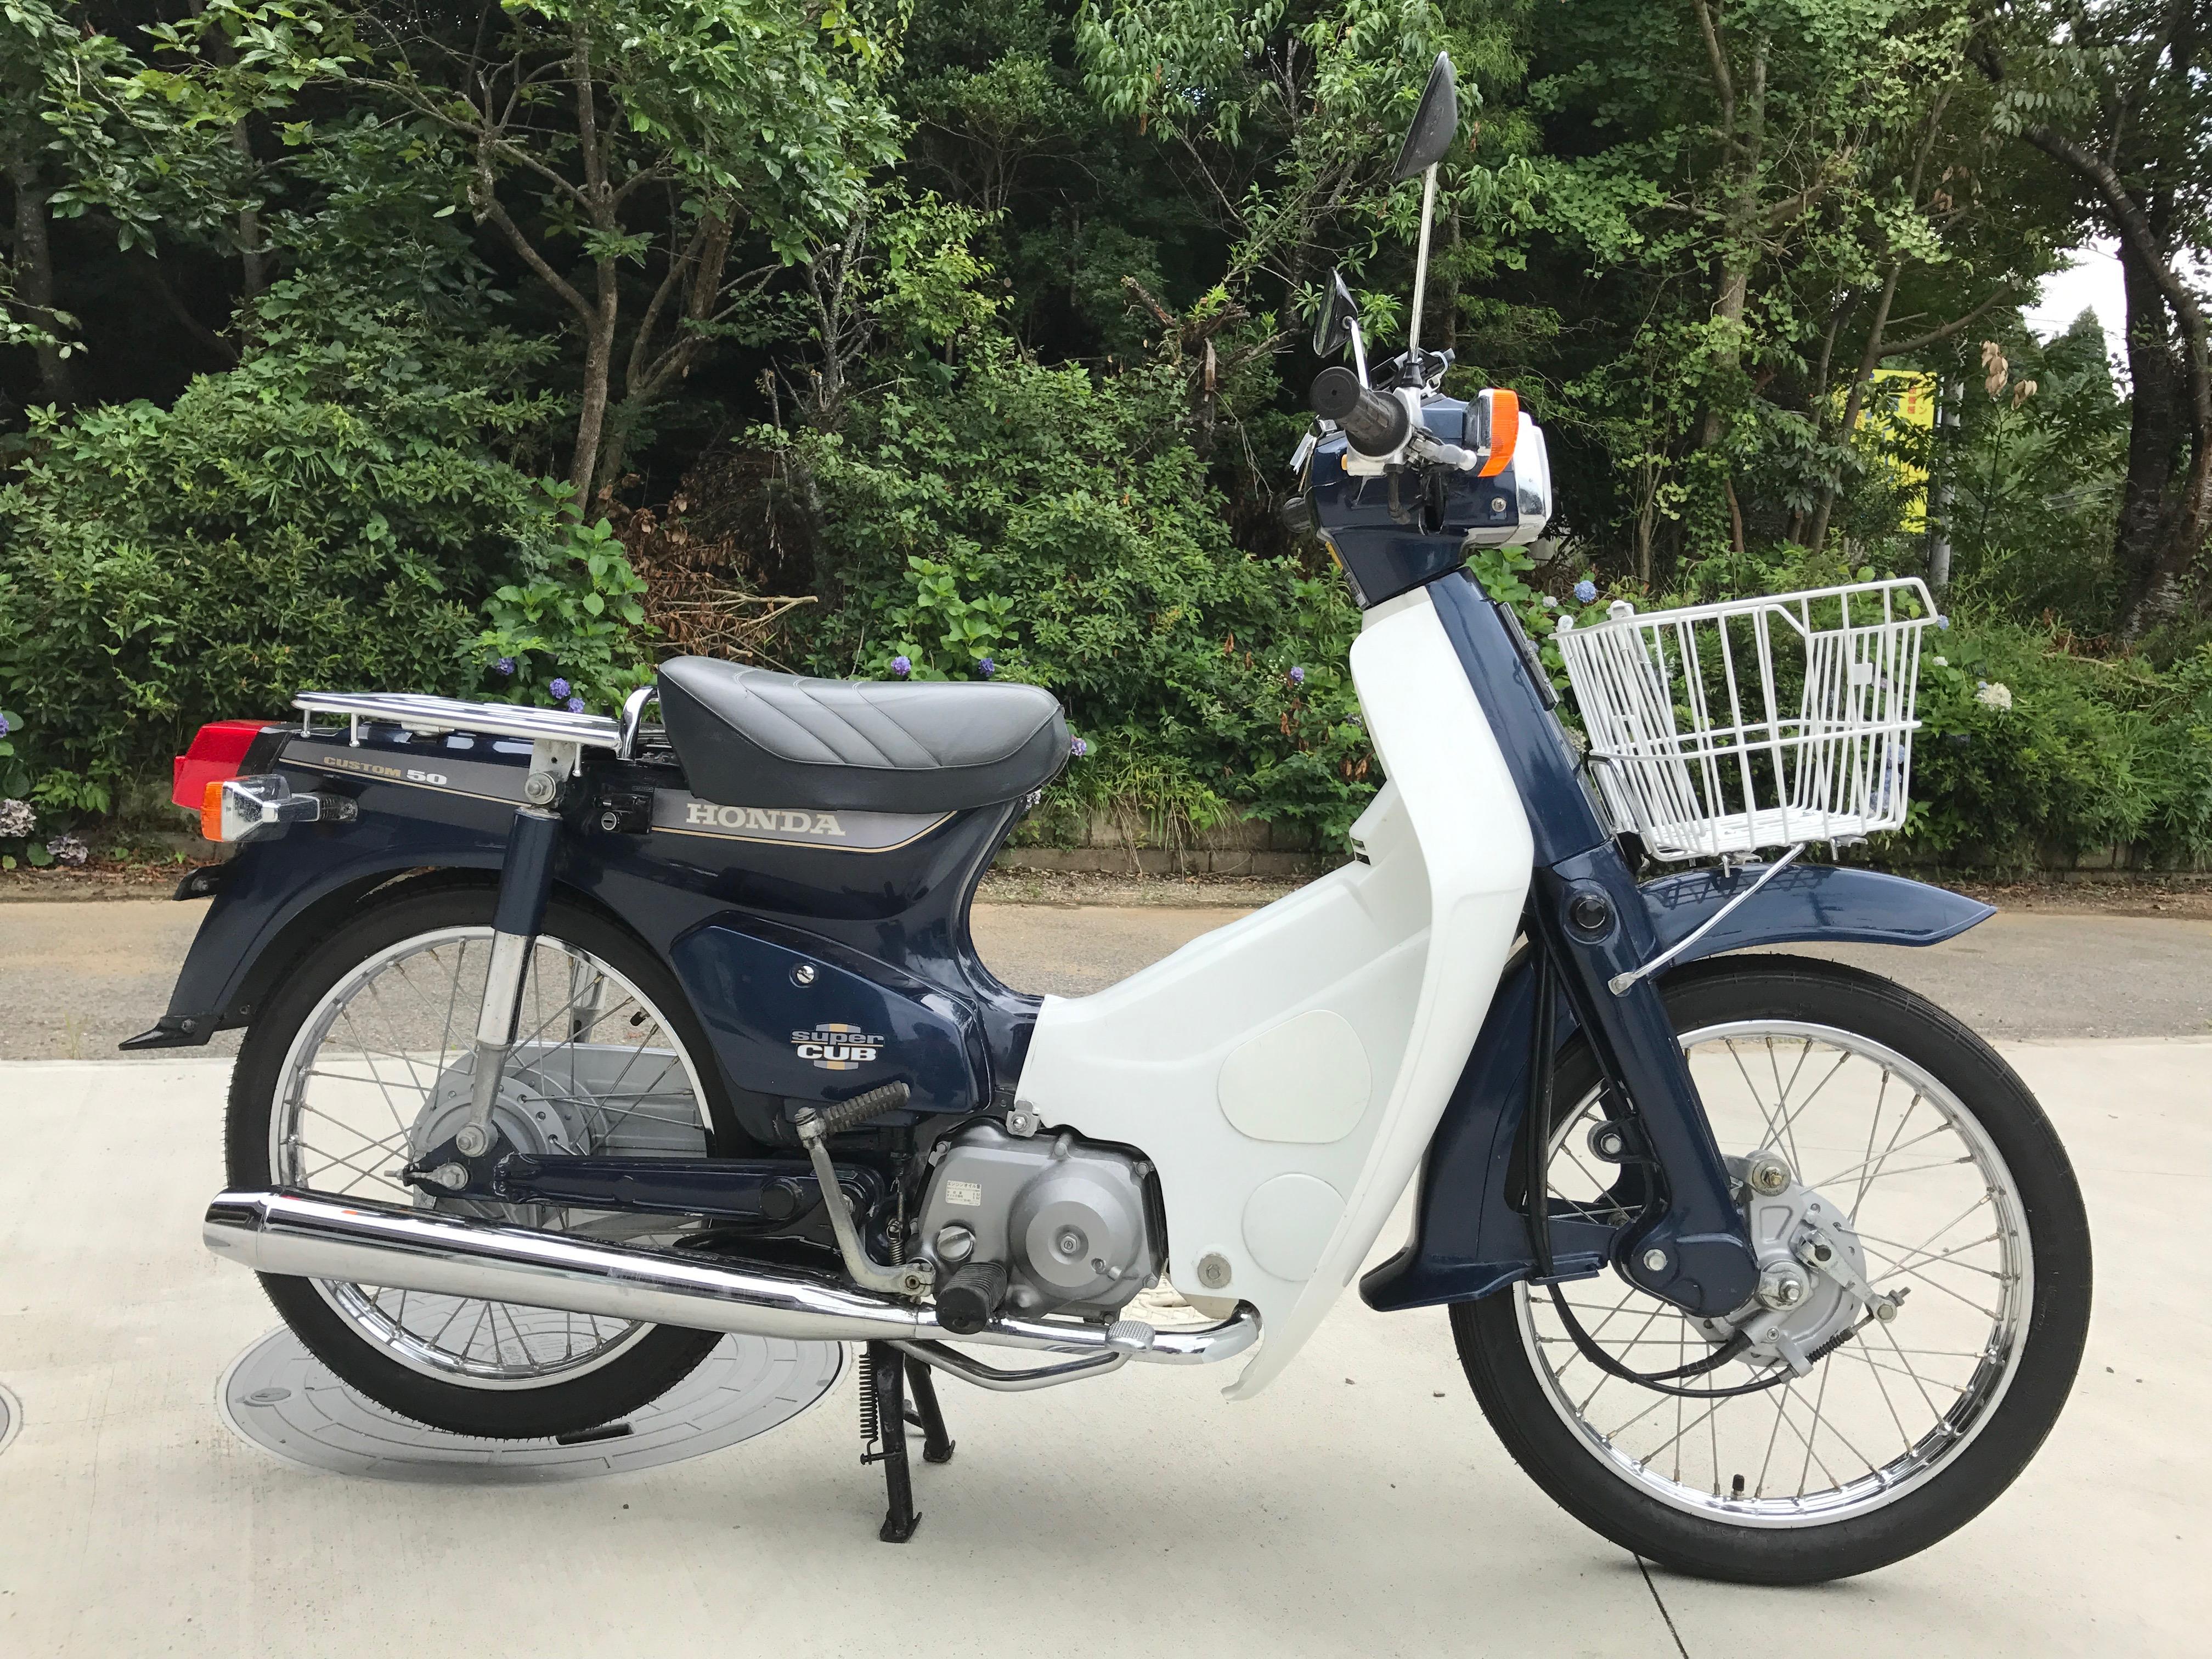 スーパーカブ (HN-00) - 【公式】レンタルバイクのベストBike® 鎌倉駅前